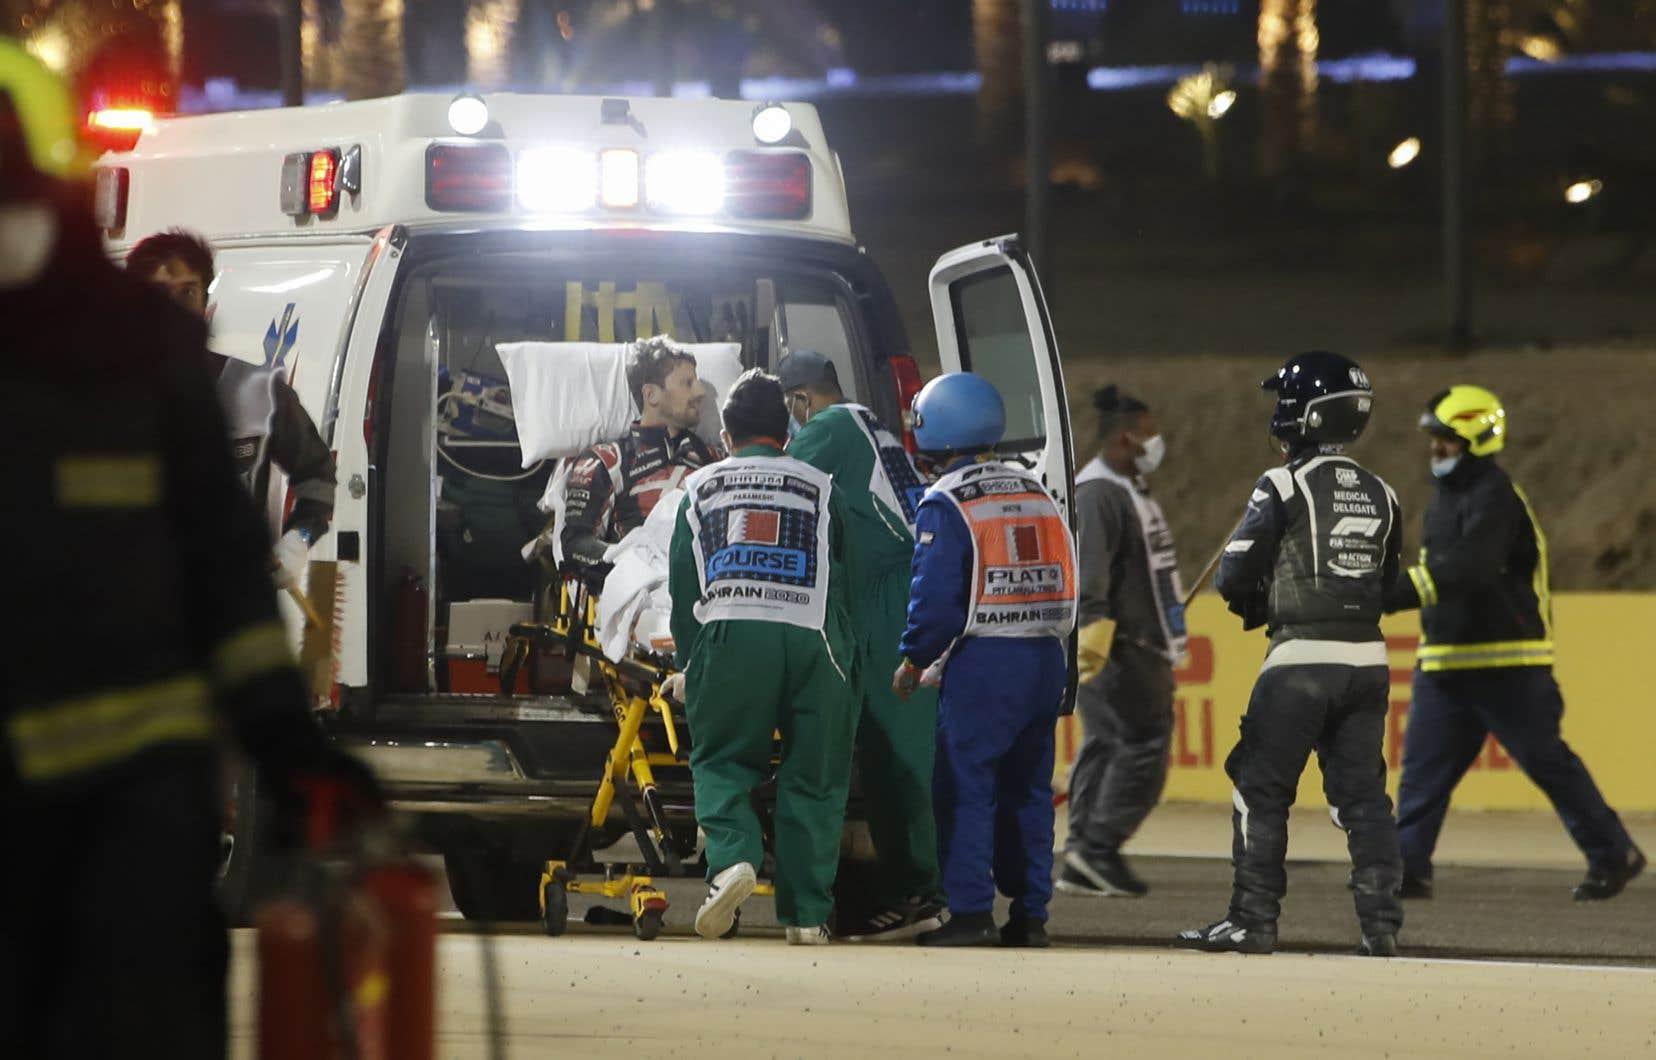 Grosjean a été hospitalisé après avoir été brûlé au dos des deux mains lorsque sa voiture a explosé dans une une collision avec un muret au Grand Prix du Bahreïn.